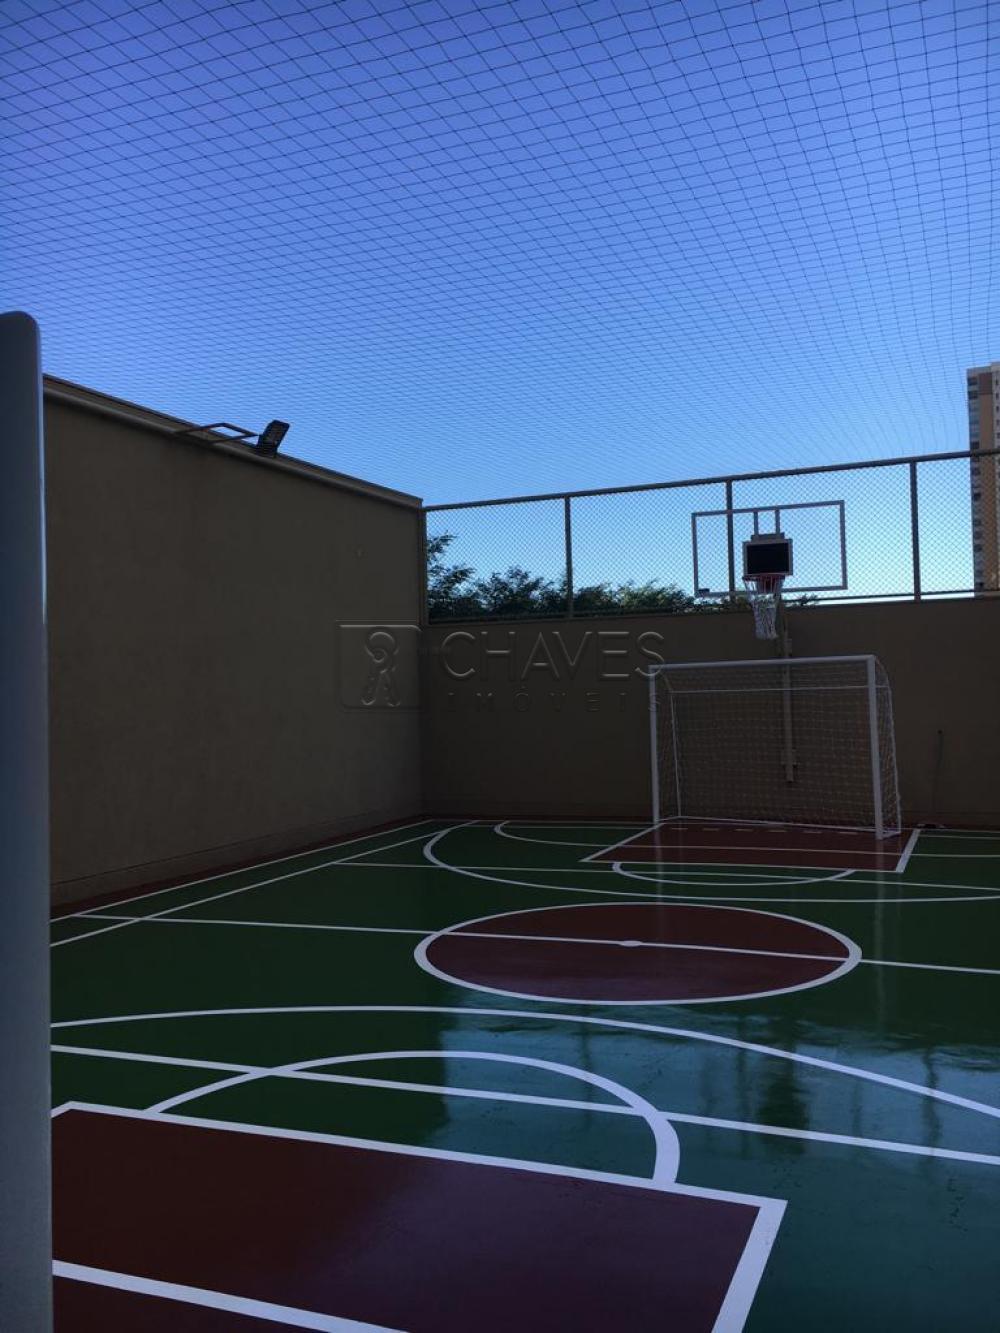 Comprar Apartamento / Padrão em Ribeirão Preto R$ 5.500.000,00 - Foto 22